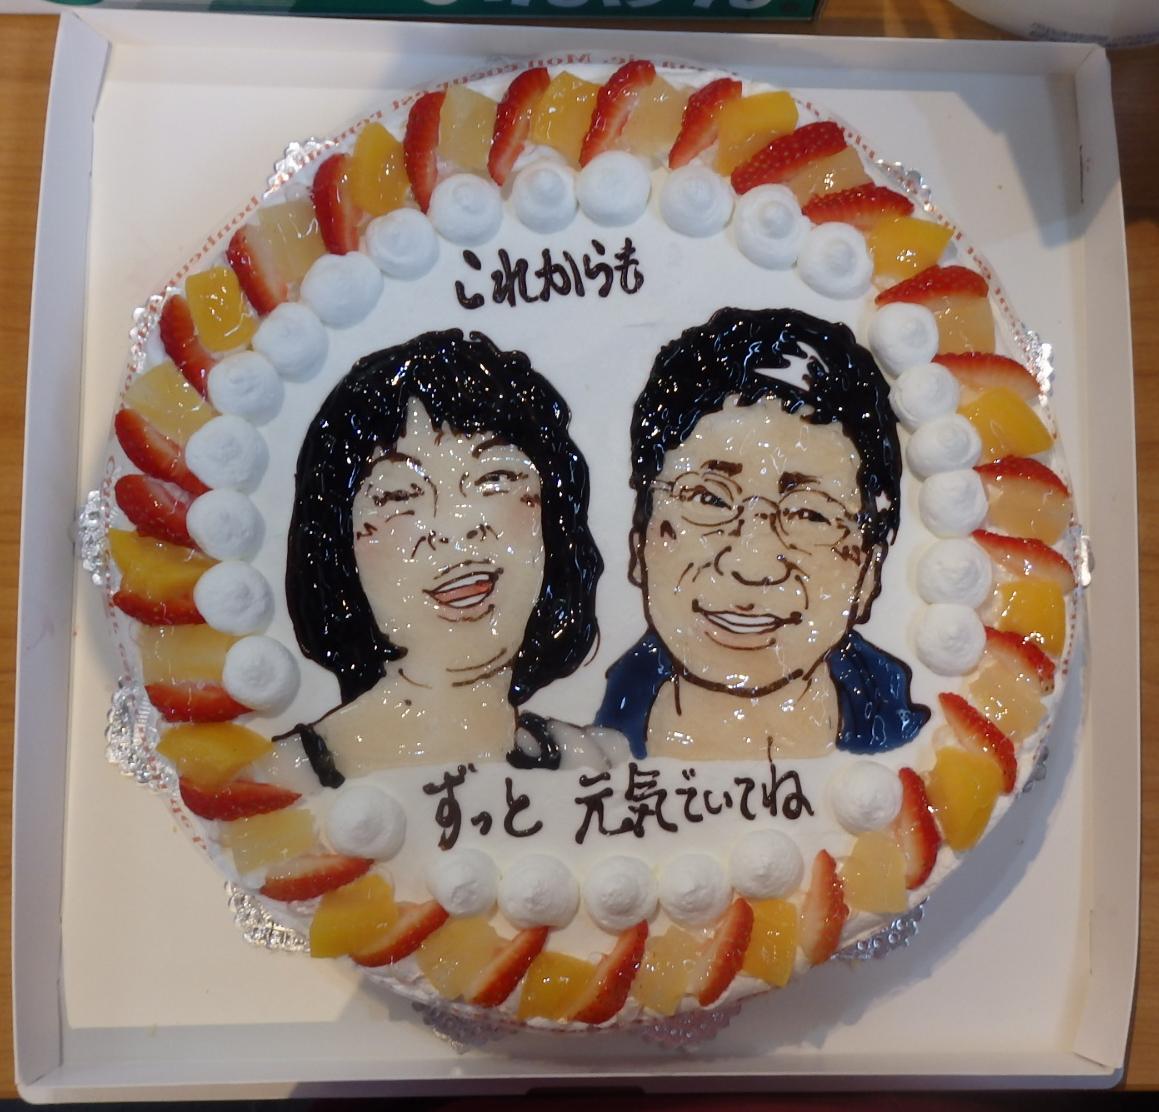 似顔絵ケーキ 10号 30cmの画像6枚目